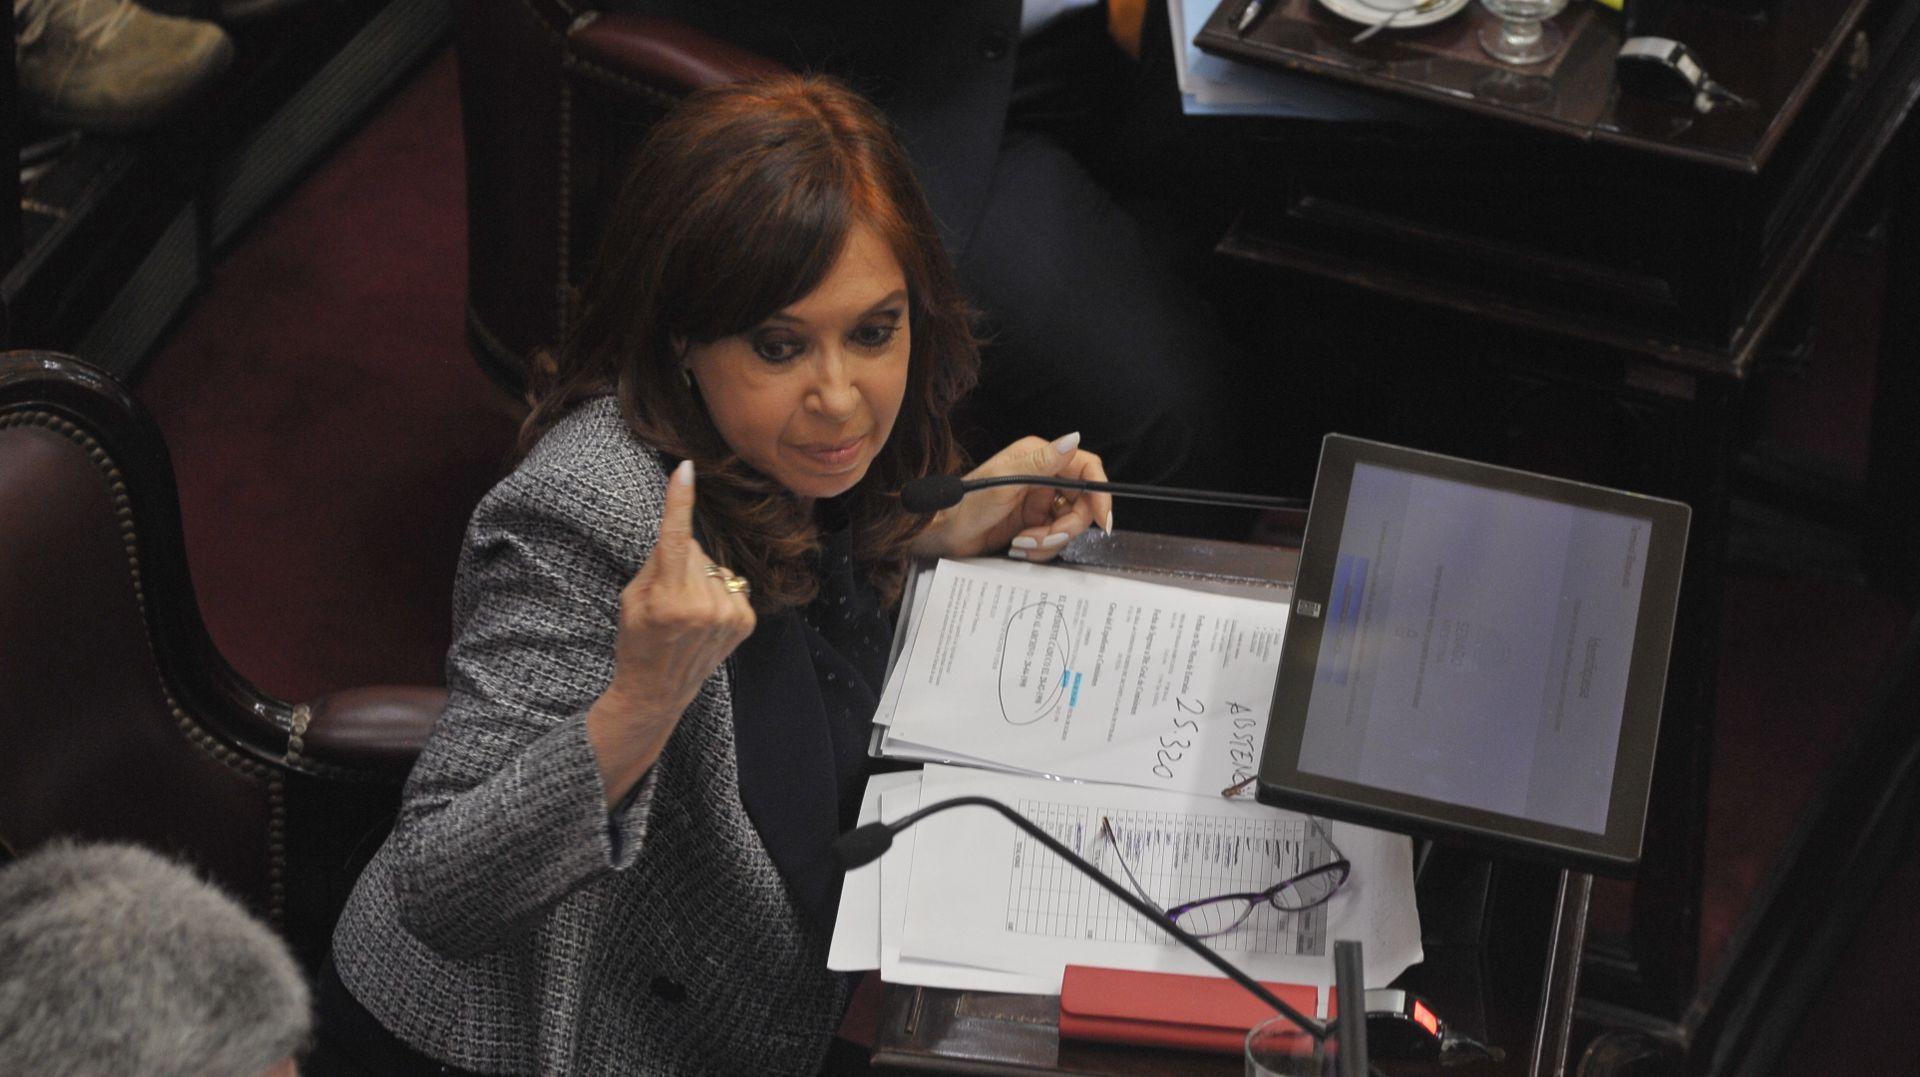 La senadora y ex presidenta Cristina Kirchner durante la sesión en la que se discutió la autorización para los allanamientos en sus propiedades (Foto: Patricio Murphy)